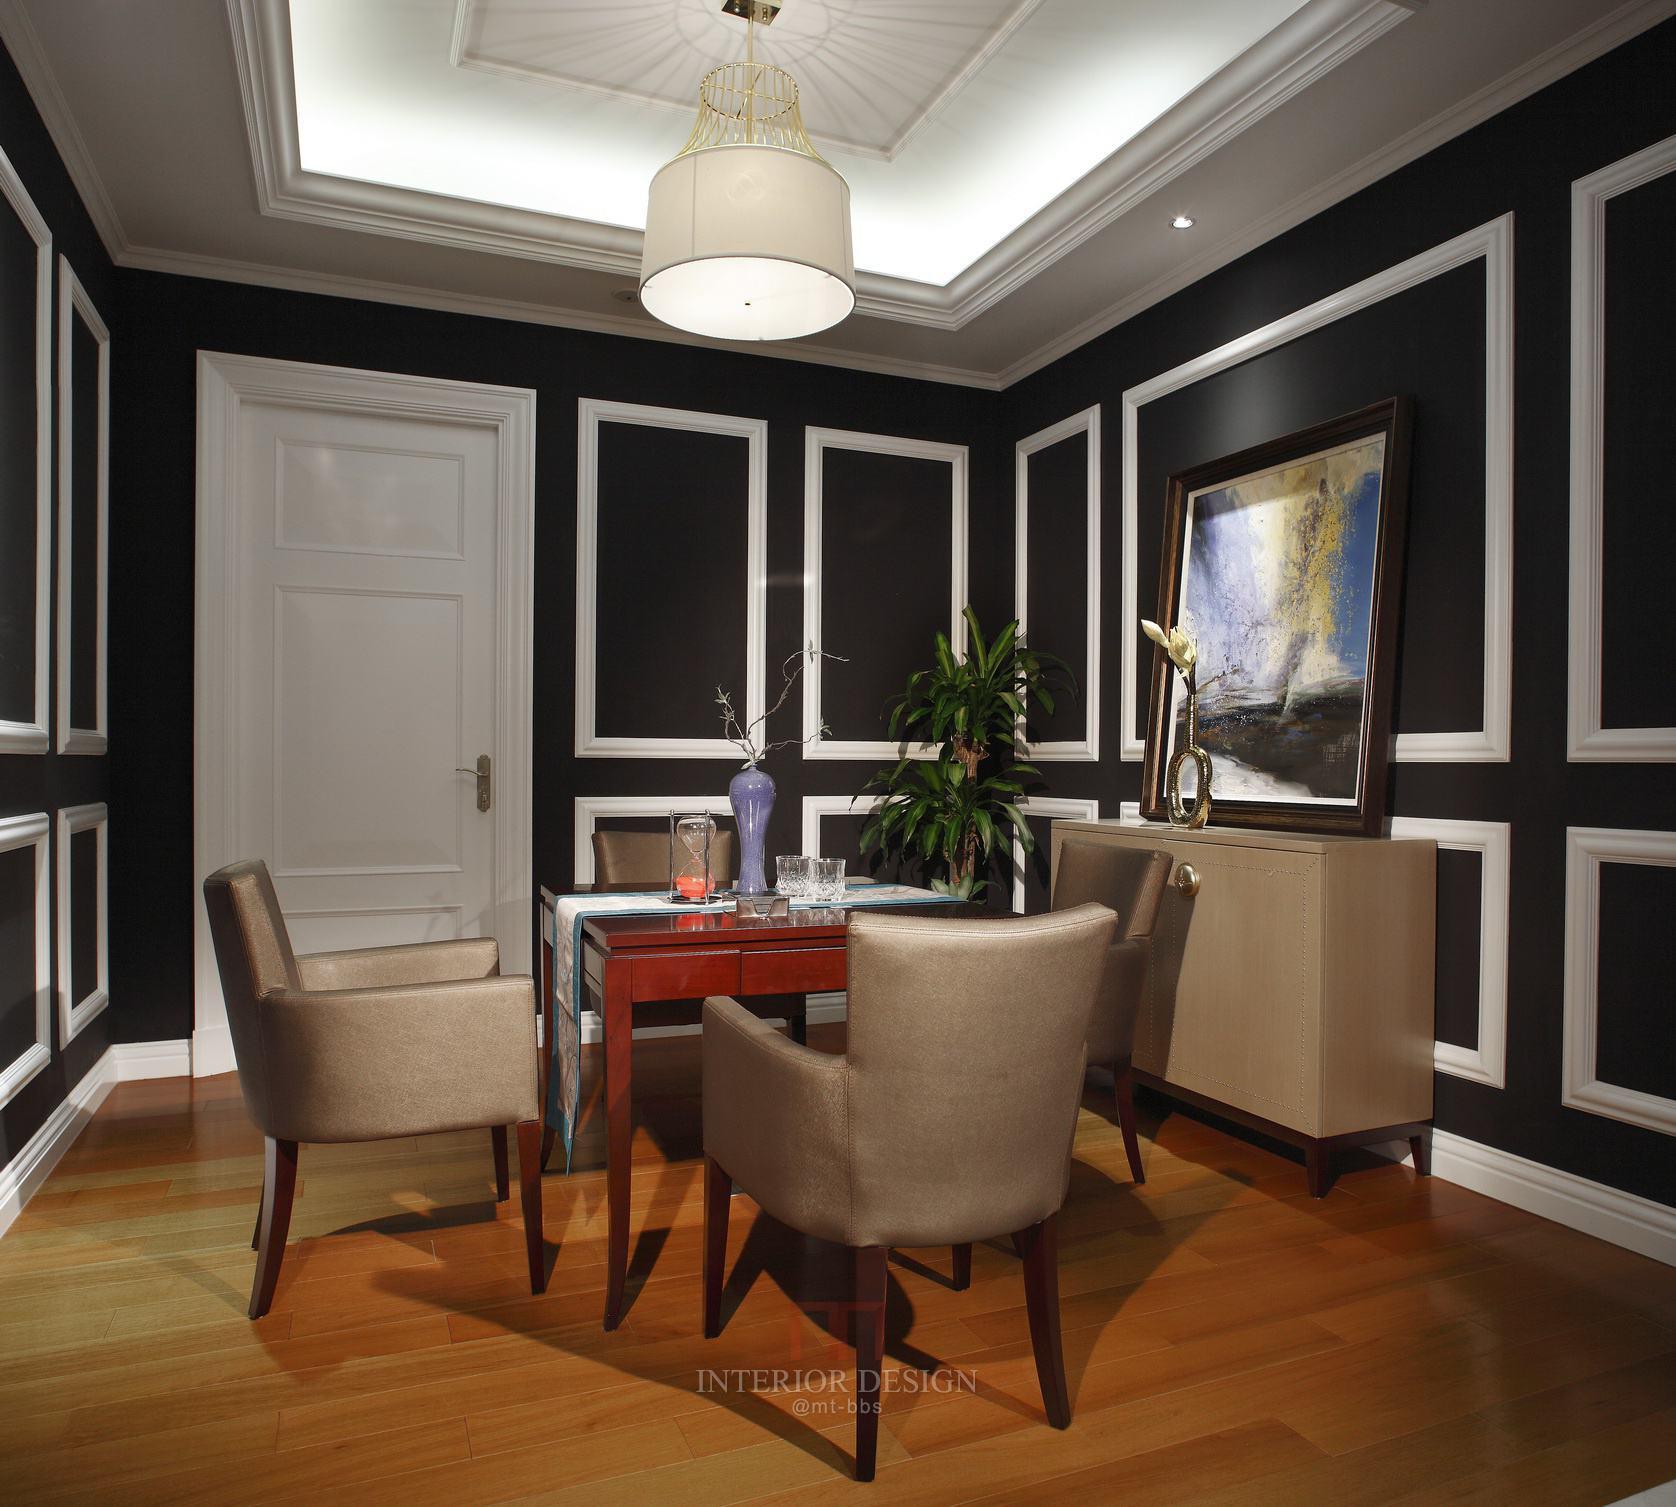 美式新古典混搭设计黑色餐厅背景墙装饰